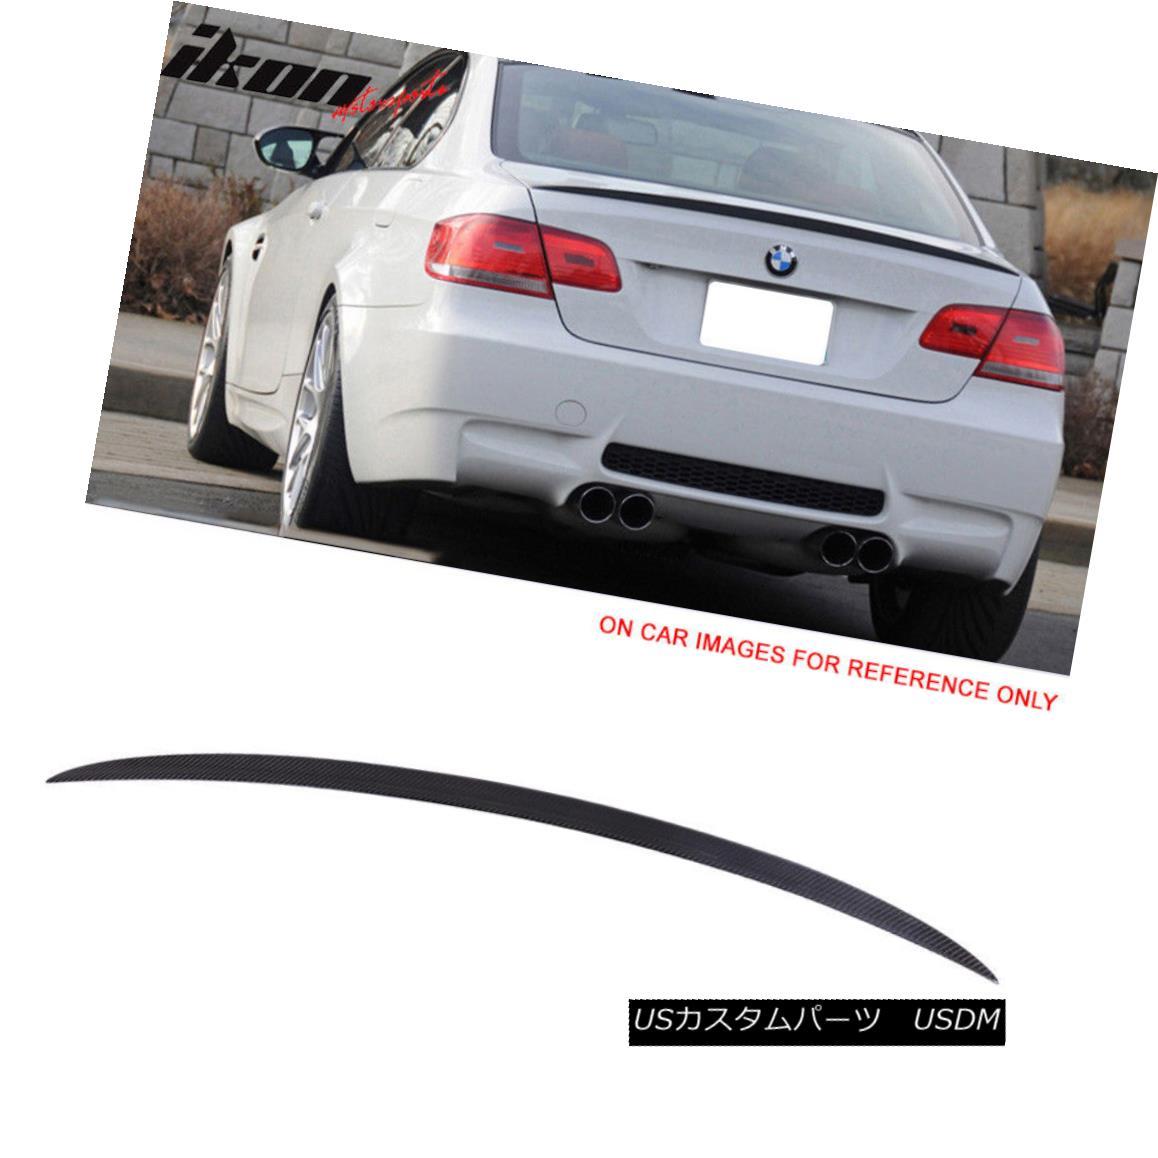 エアロパーツ Fits 07-13 BMW 3 Series E92 3 Series M3 Style Carbon Fiber CF Trunk Spoiler Wing 適合07-13 BMW 3シリーズE92 3シリーズM3スタイル炭素繊維CFトランク・スポイラー・ウィング